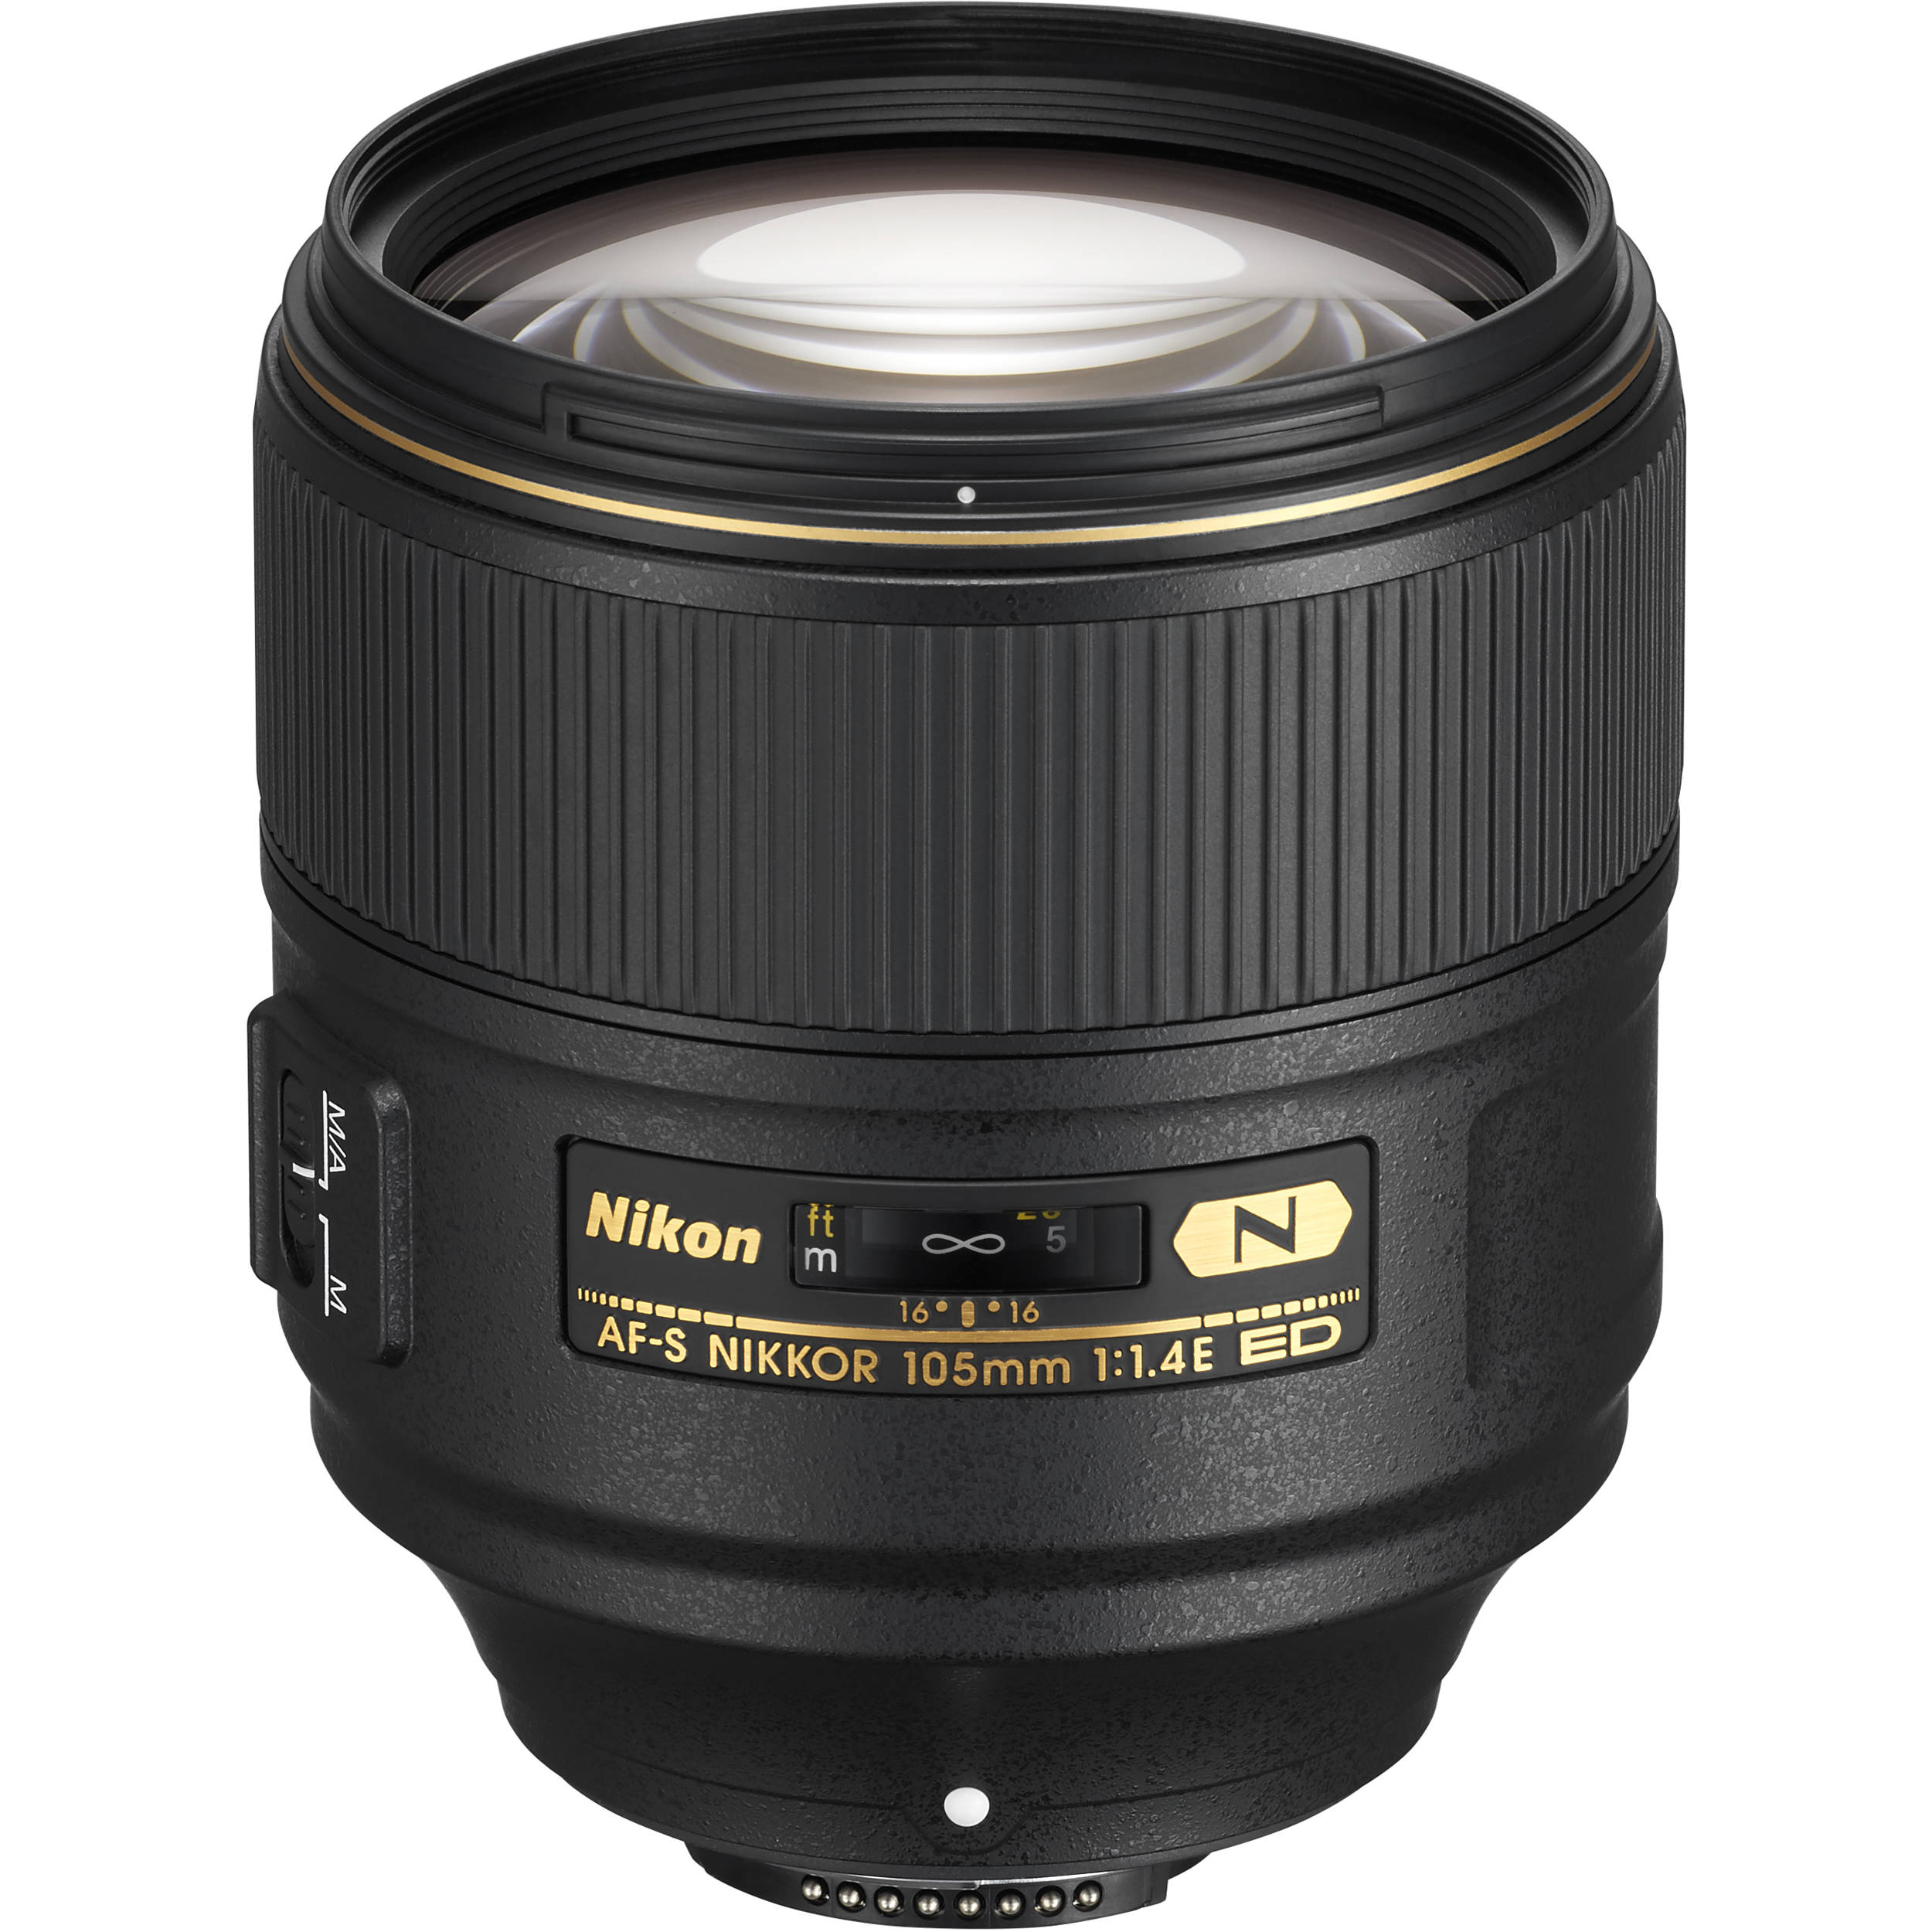 Nikon AF-S NIKKOR 105mm